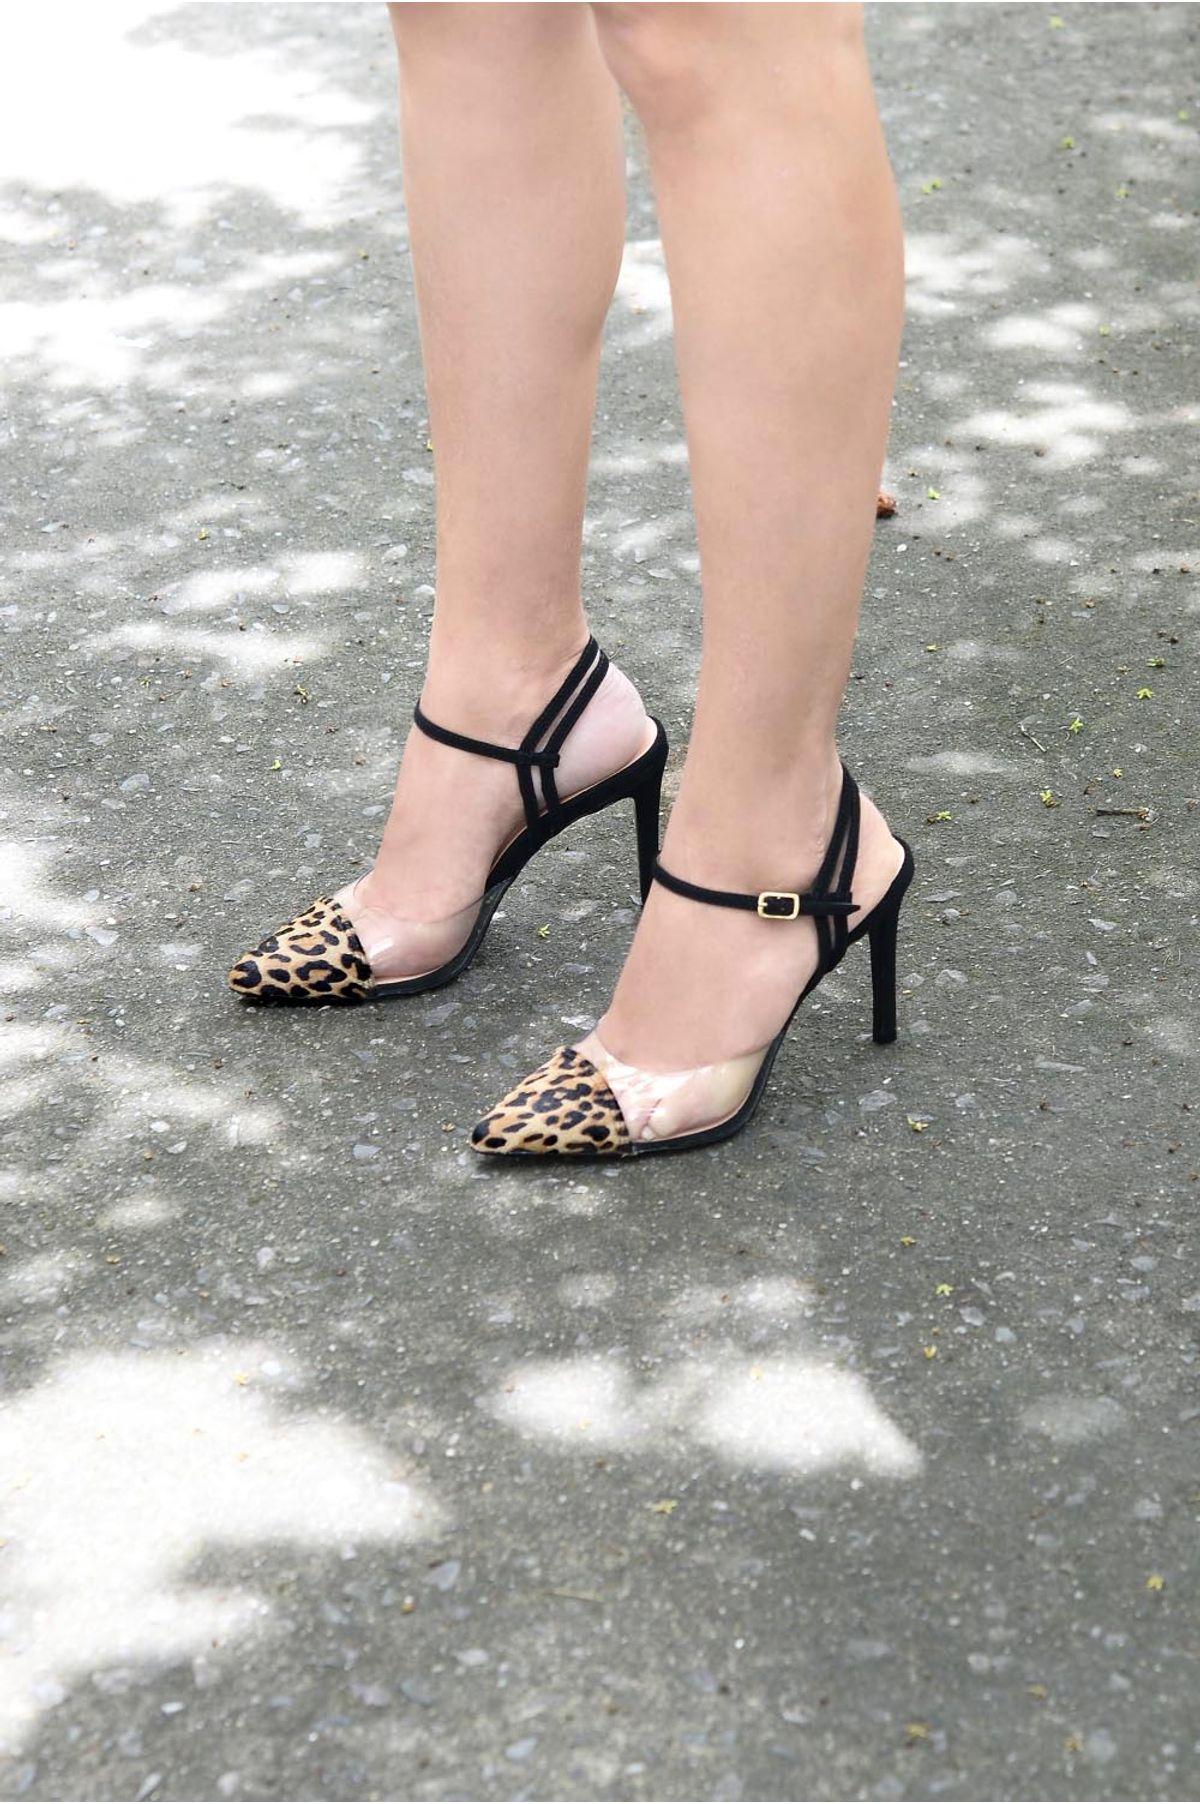 17b980b80 Sapato Salto Alto Dan Mundial PELO - ONCA - Mundial Calçados